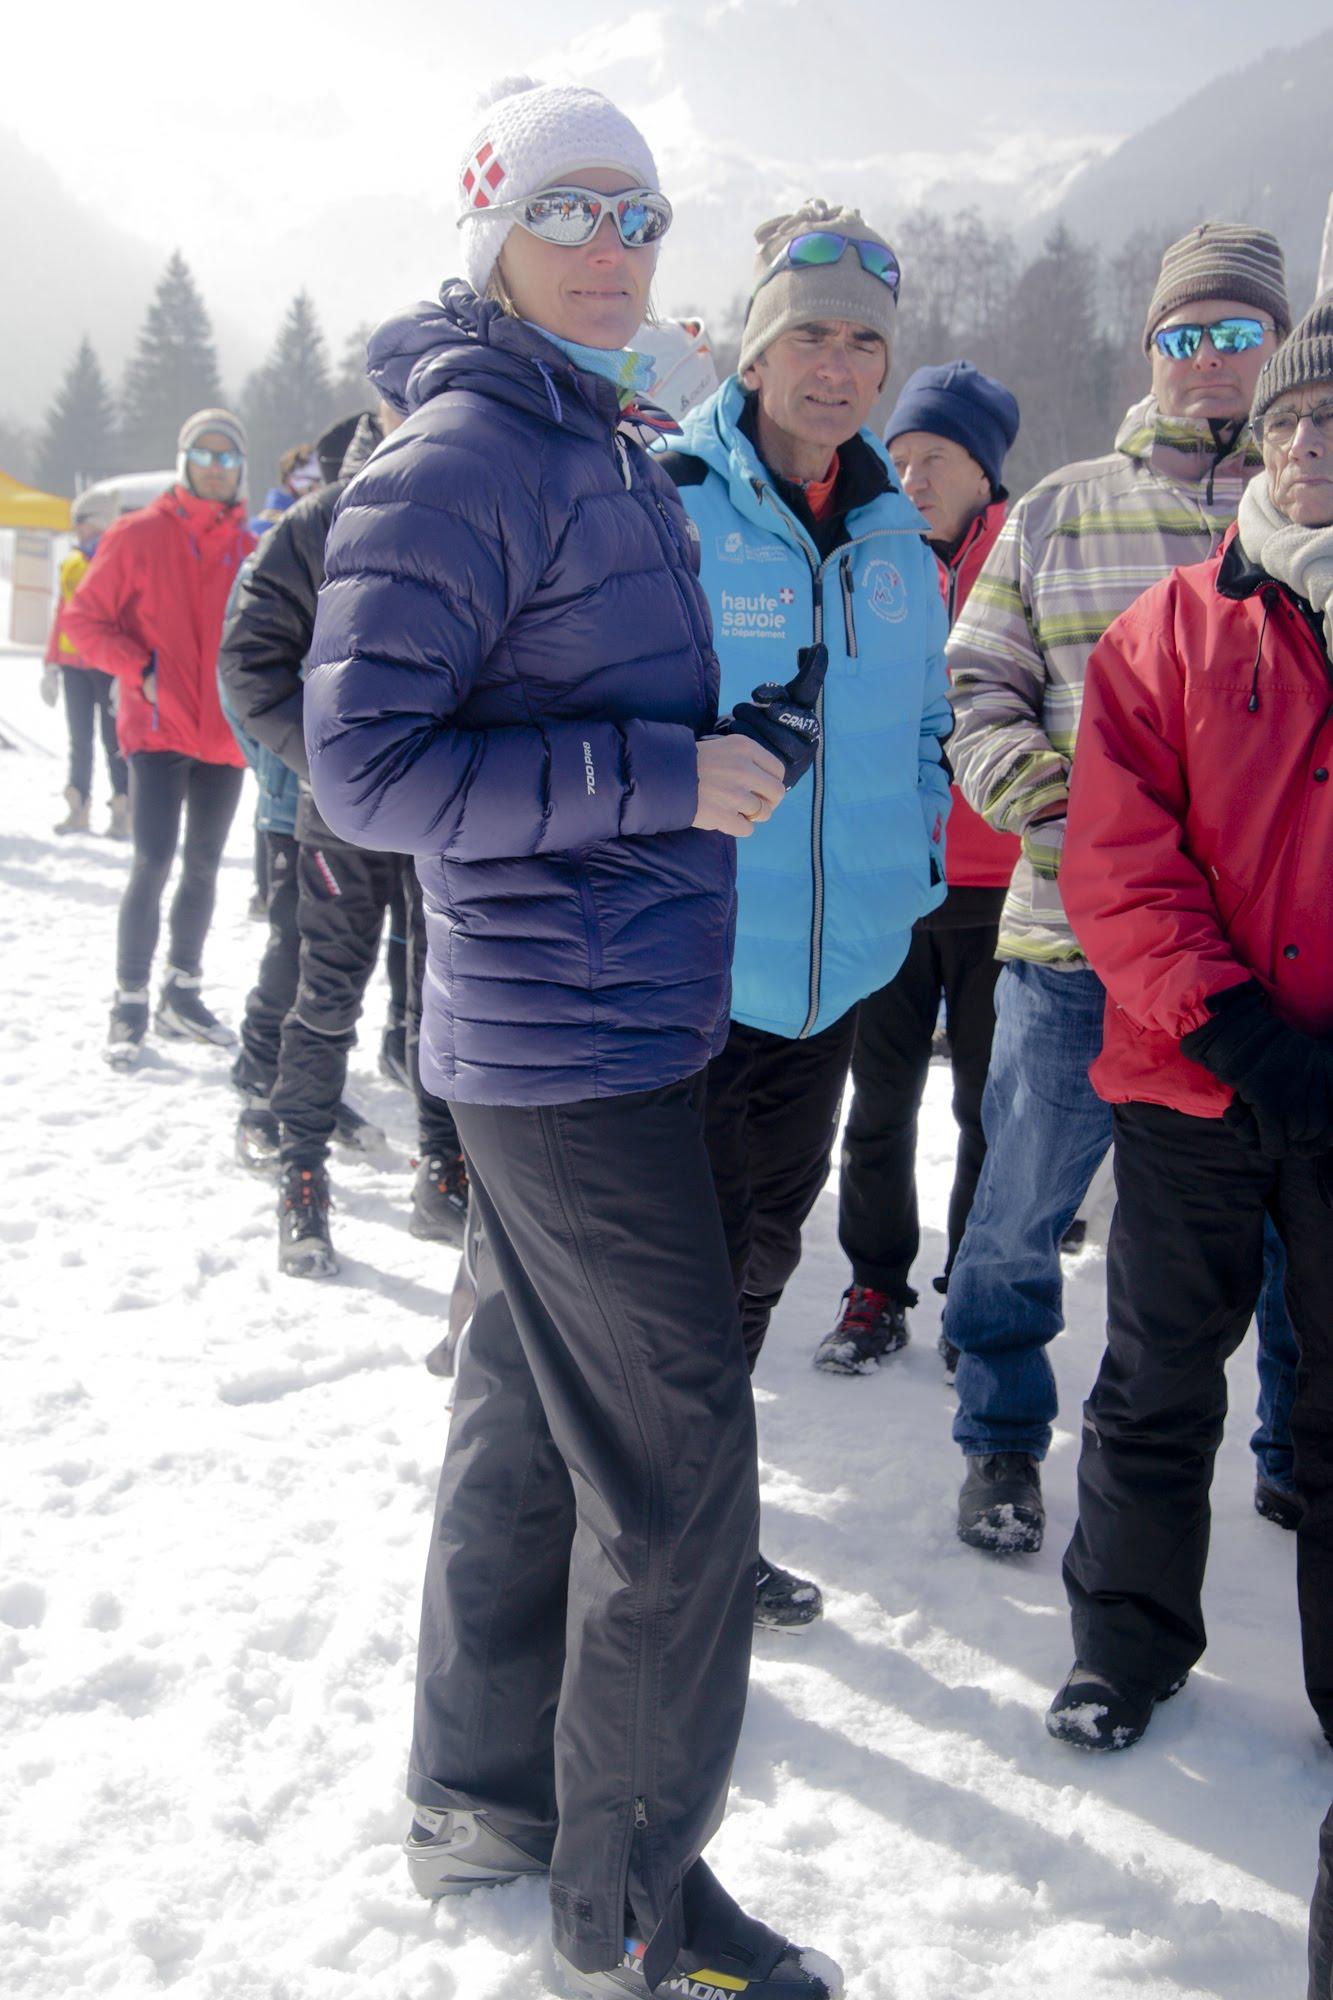 180224-BiathlonImpulse-Contamines-022